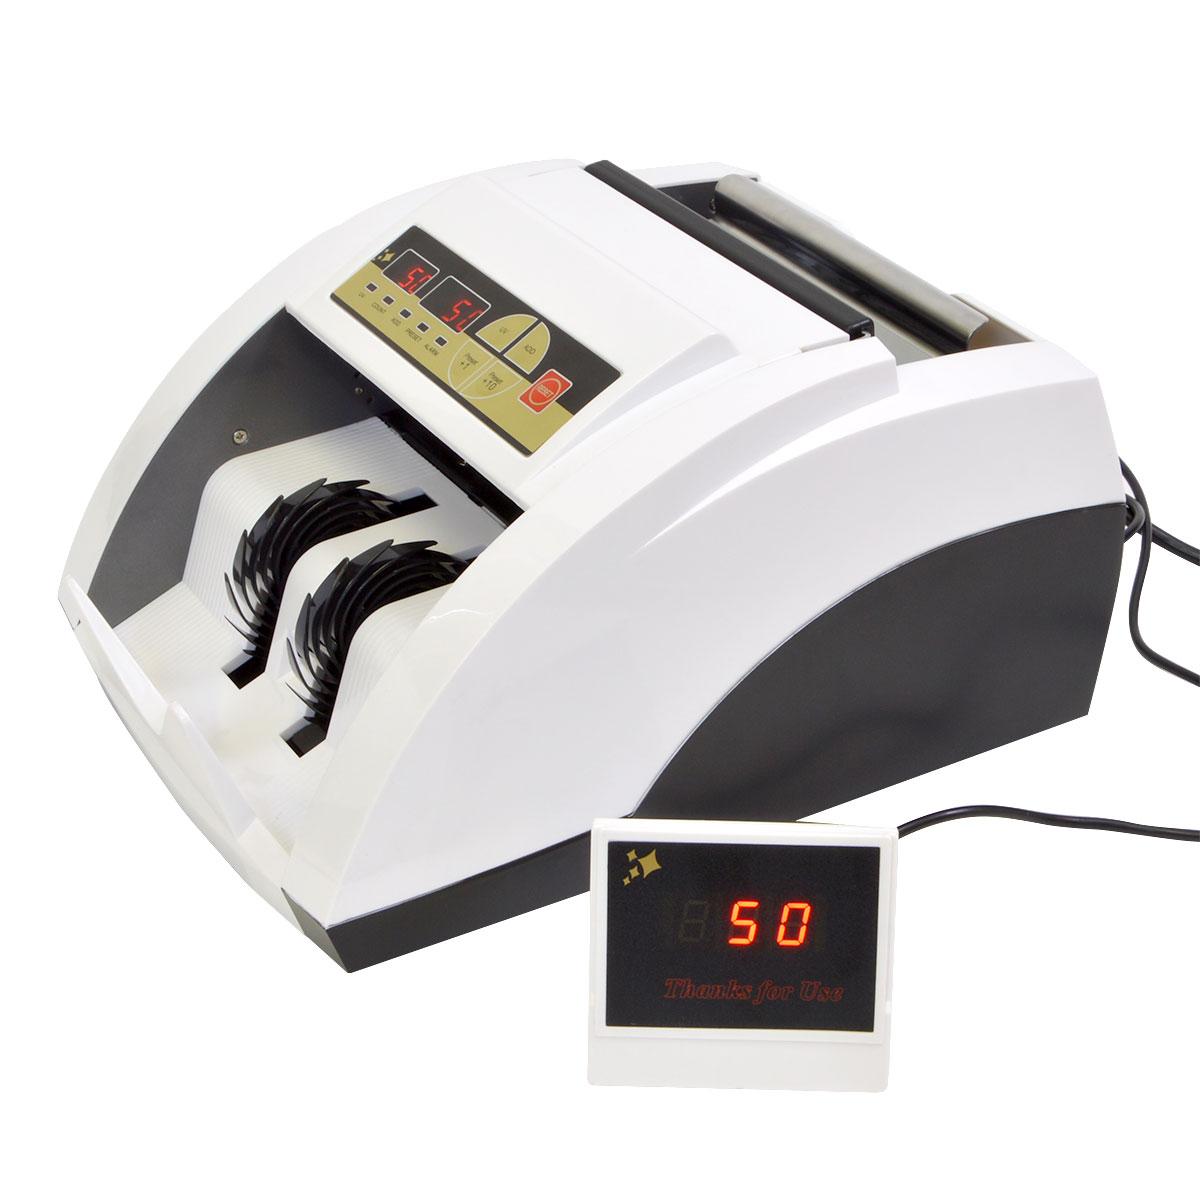 電動オート紙幣カウンター紫外線偽札検知機能付